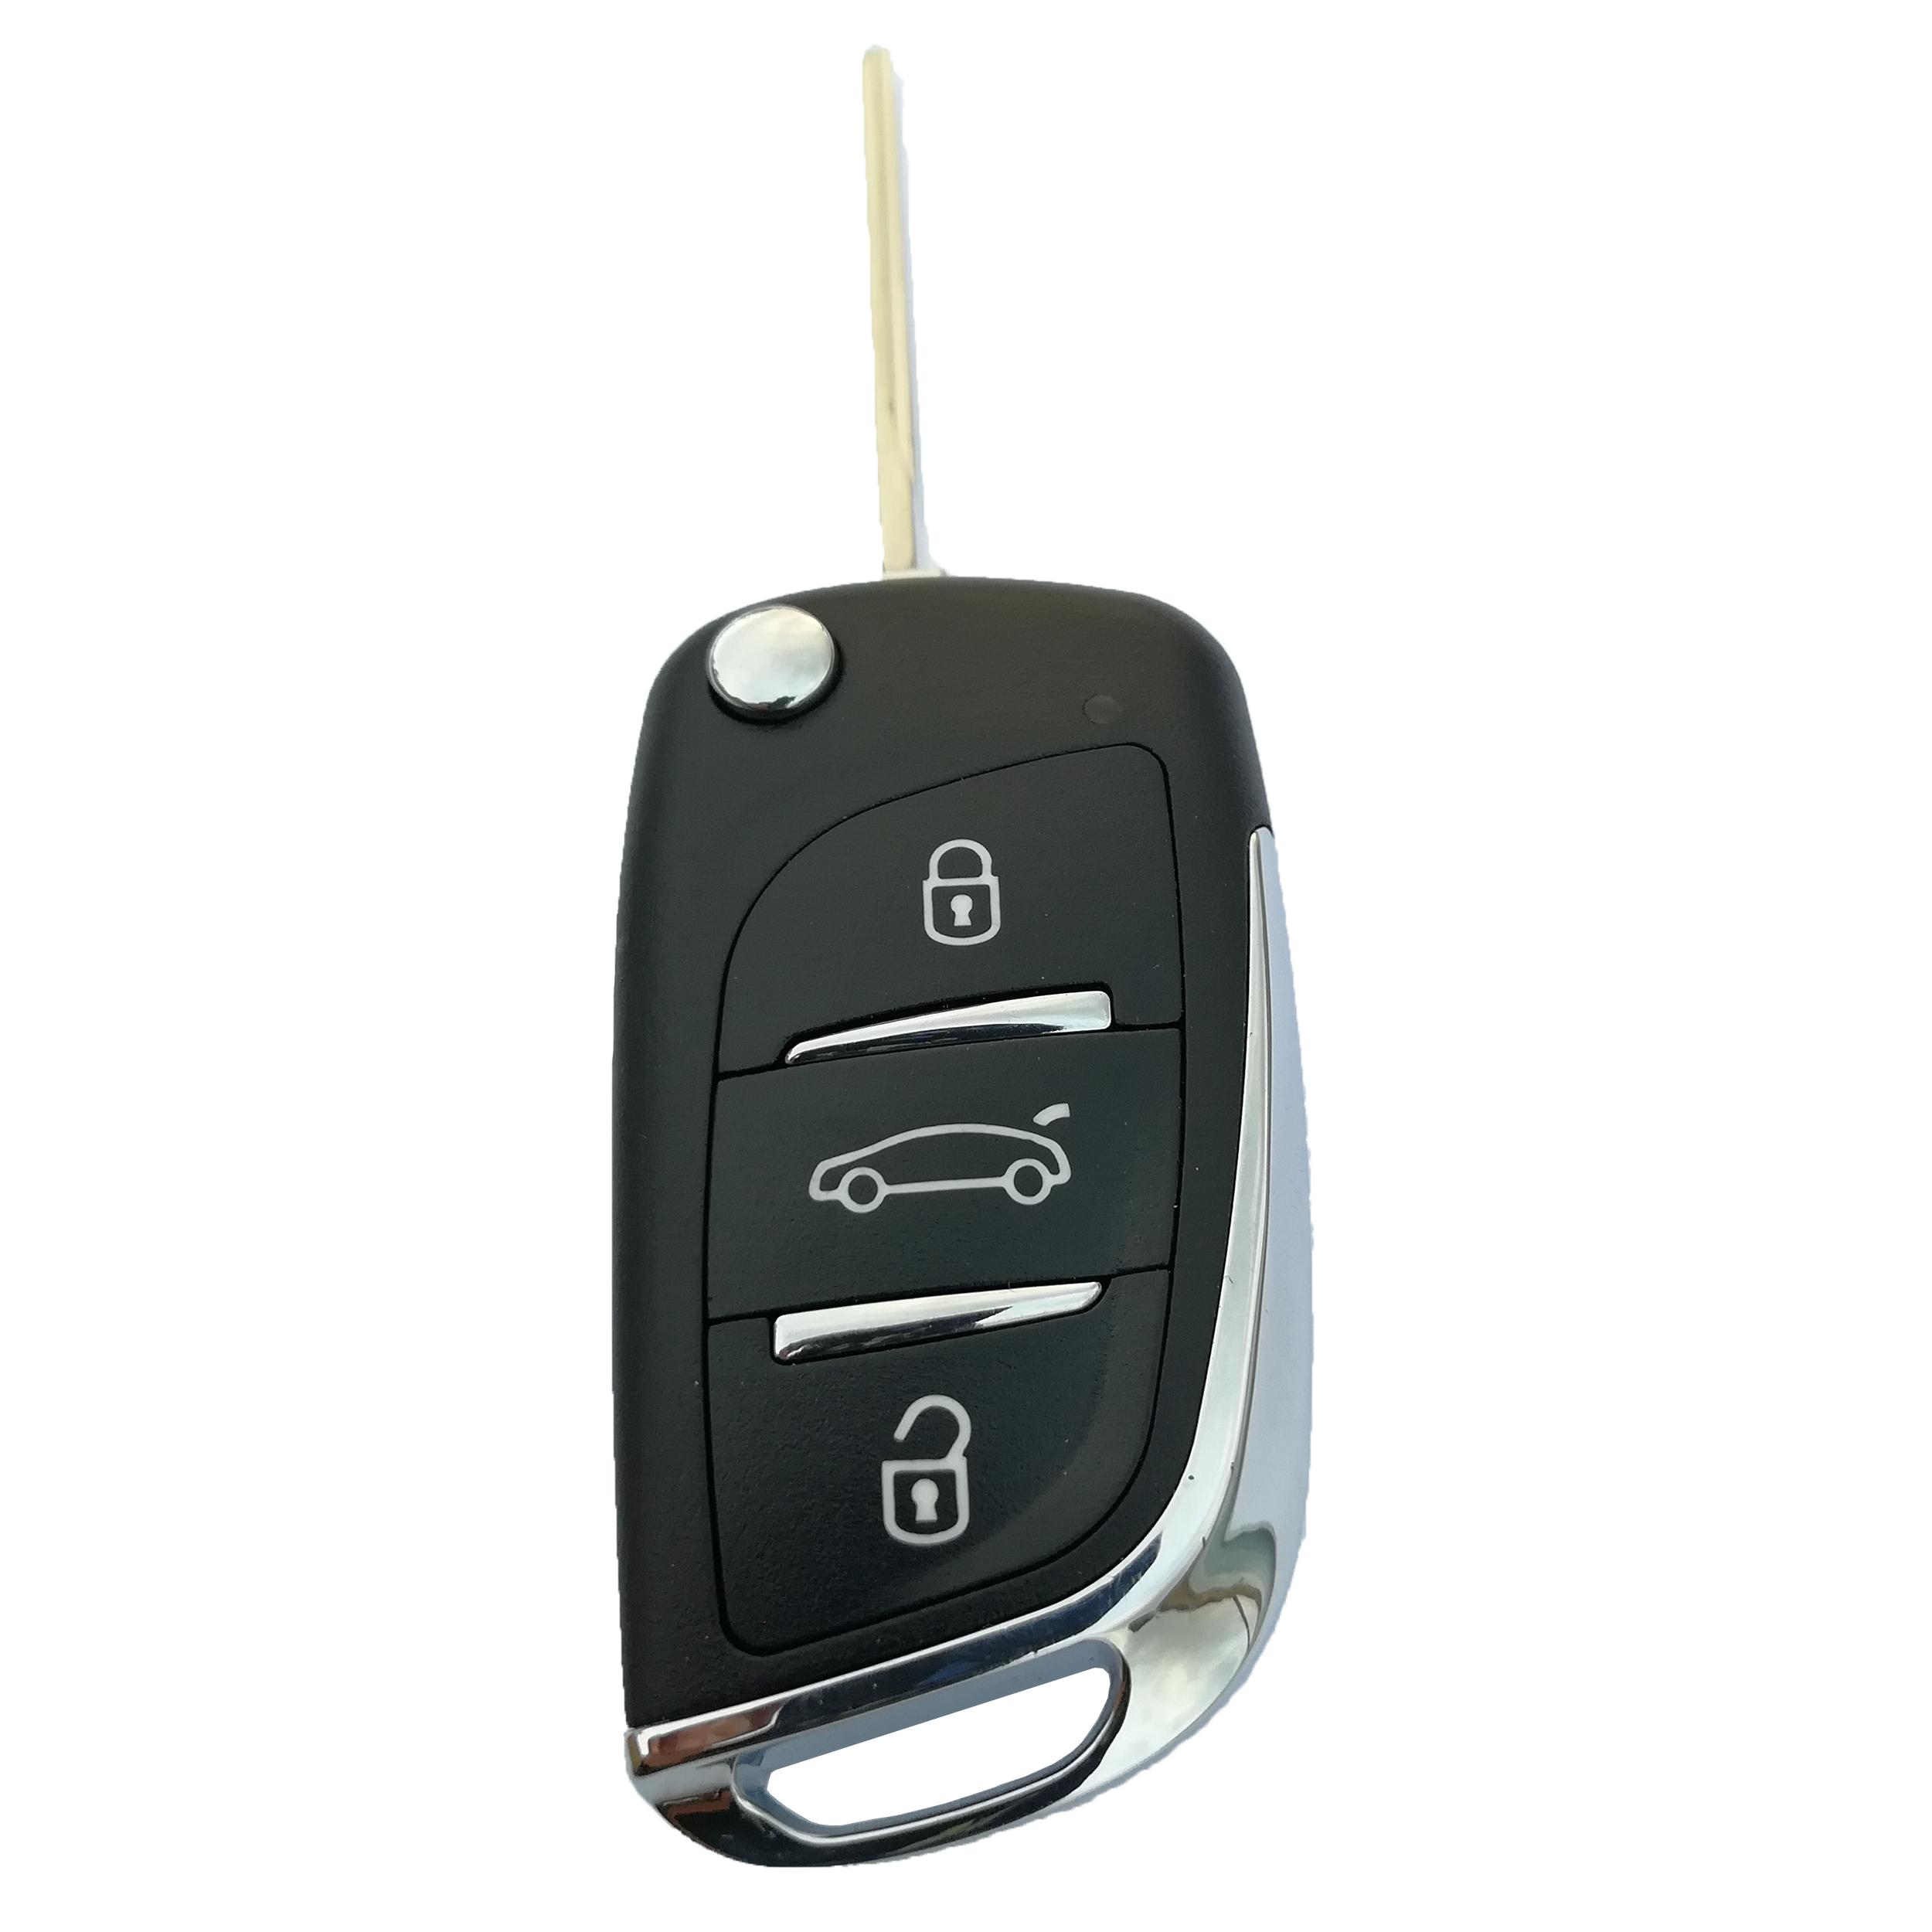 ریموت قفل مرکزی خودرو کد 2008 مناسب برای نیسان ماکسیما